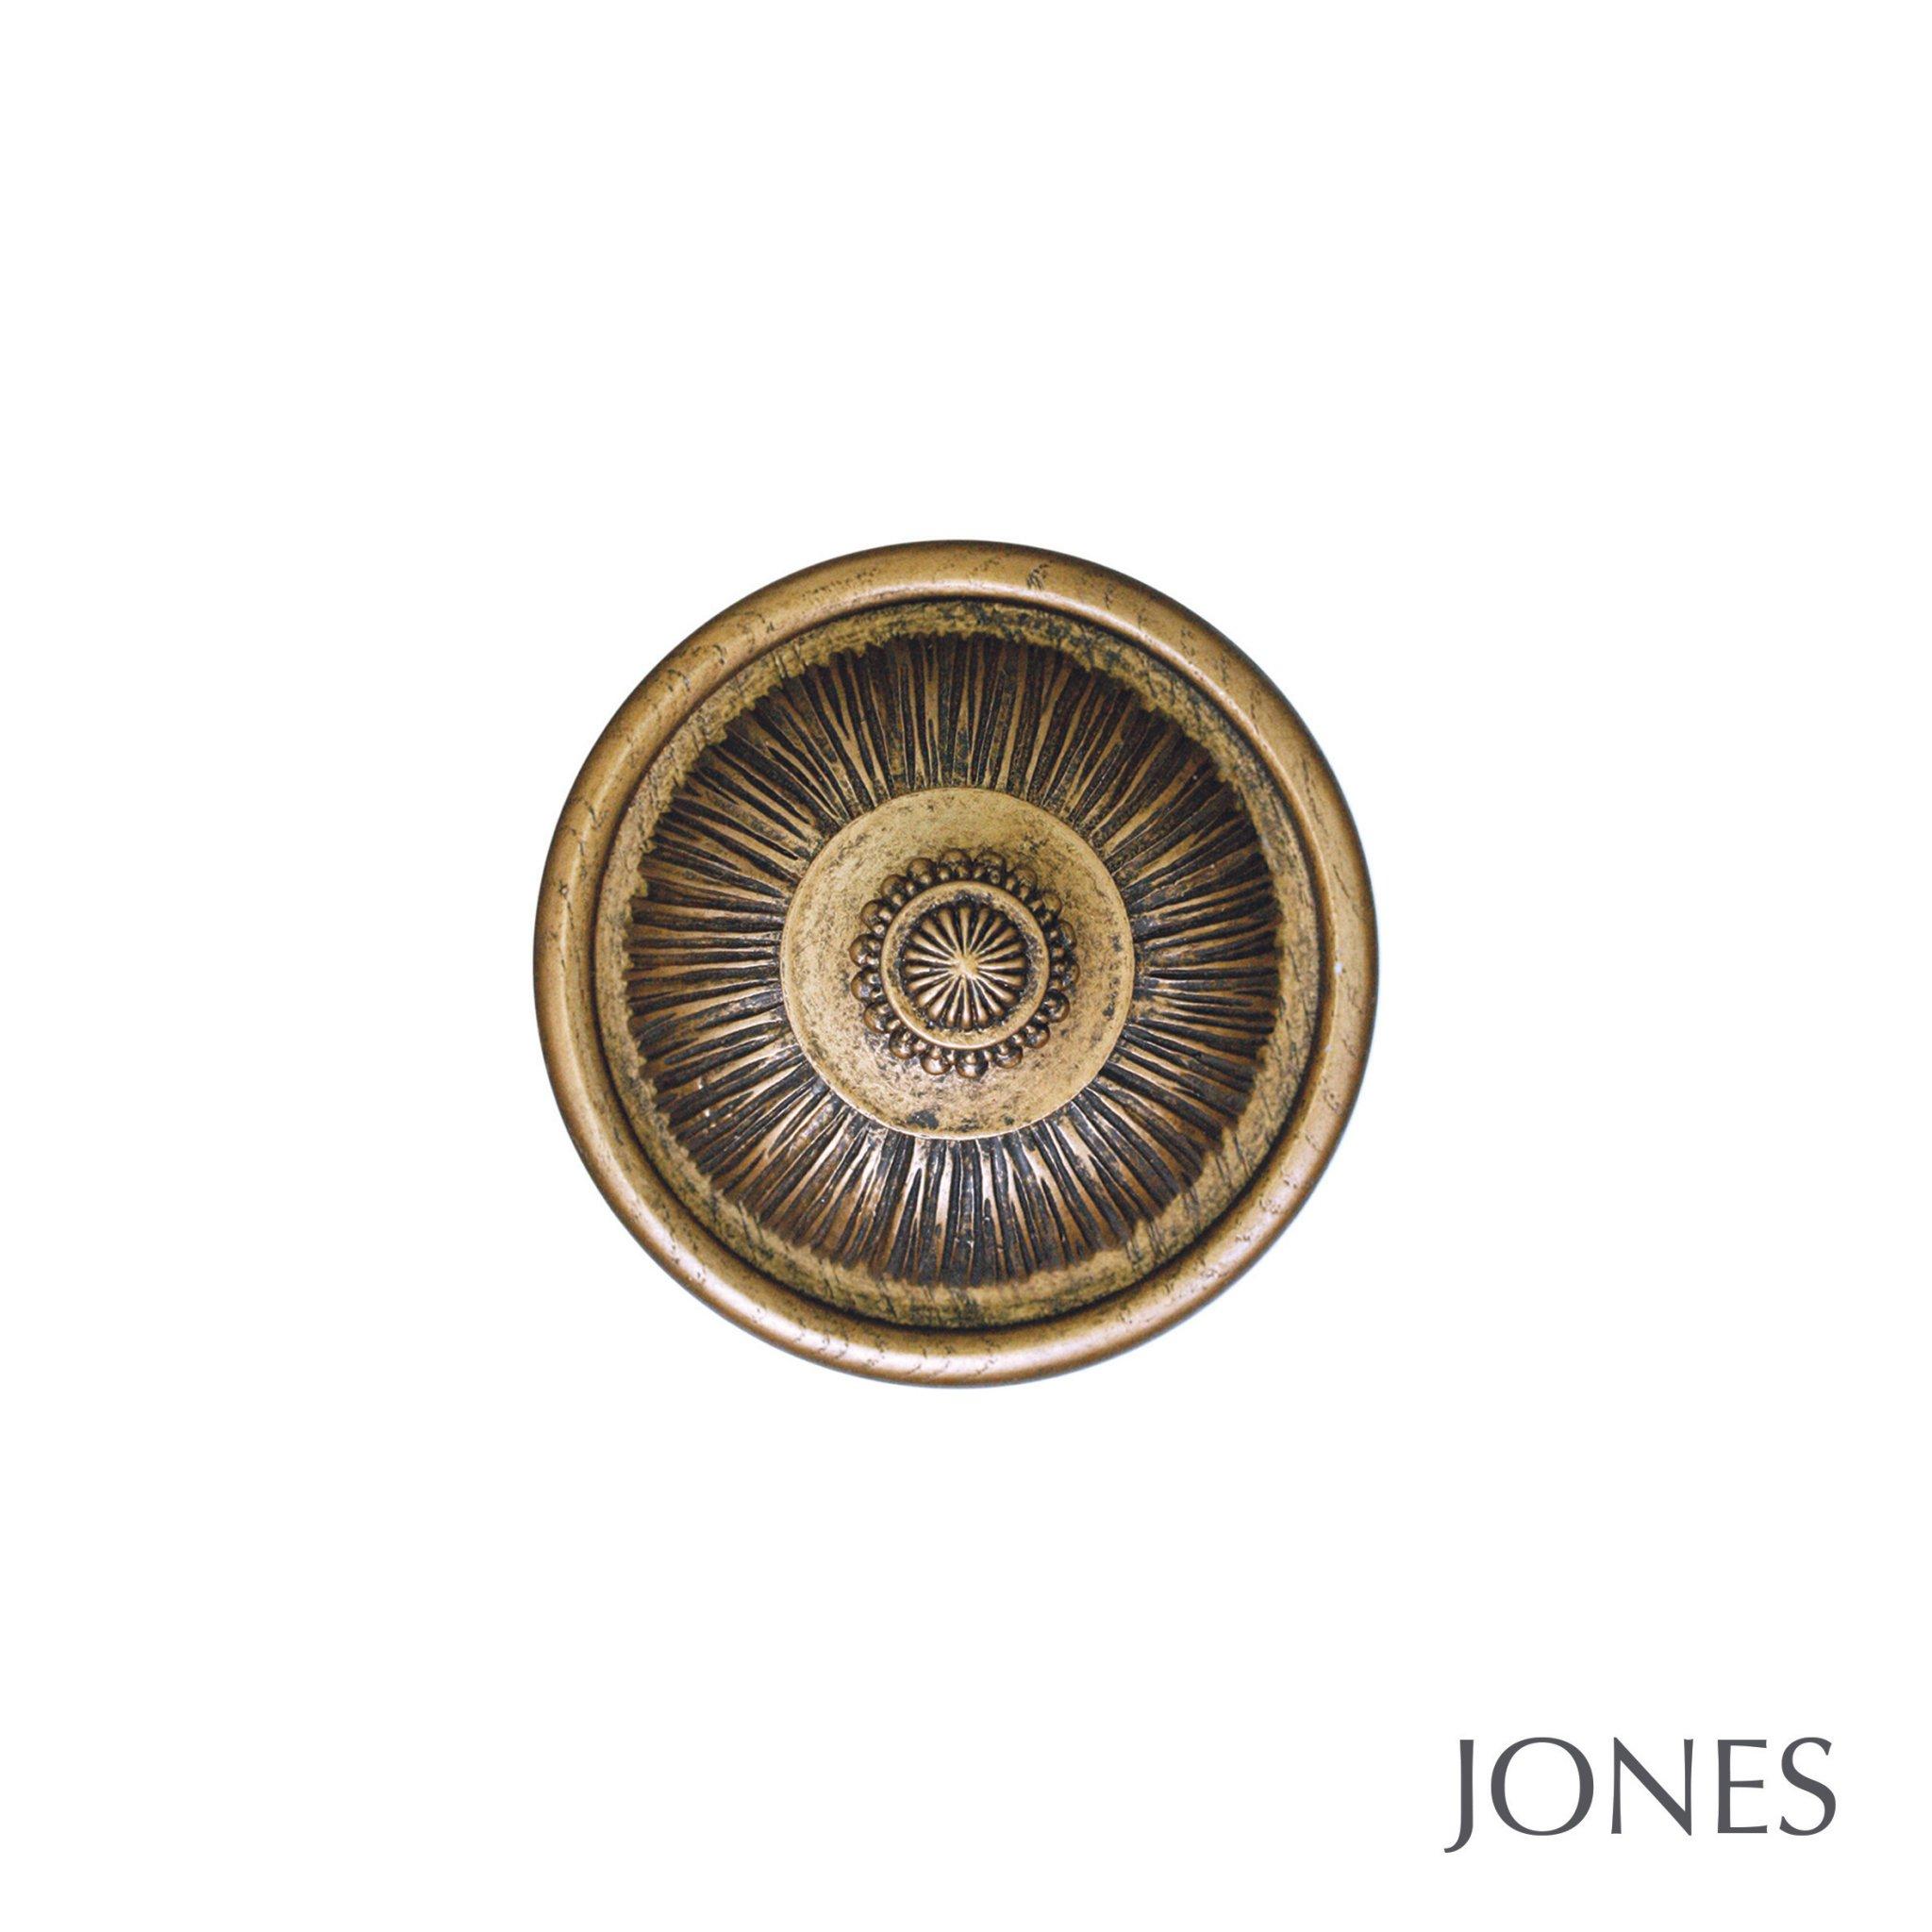 Jones Florentine Handcrafted Pleated Holdbacks